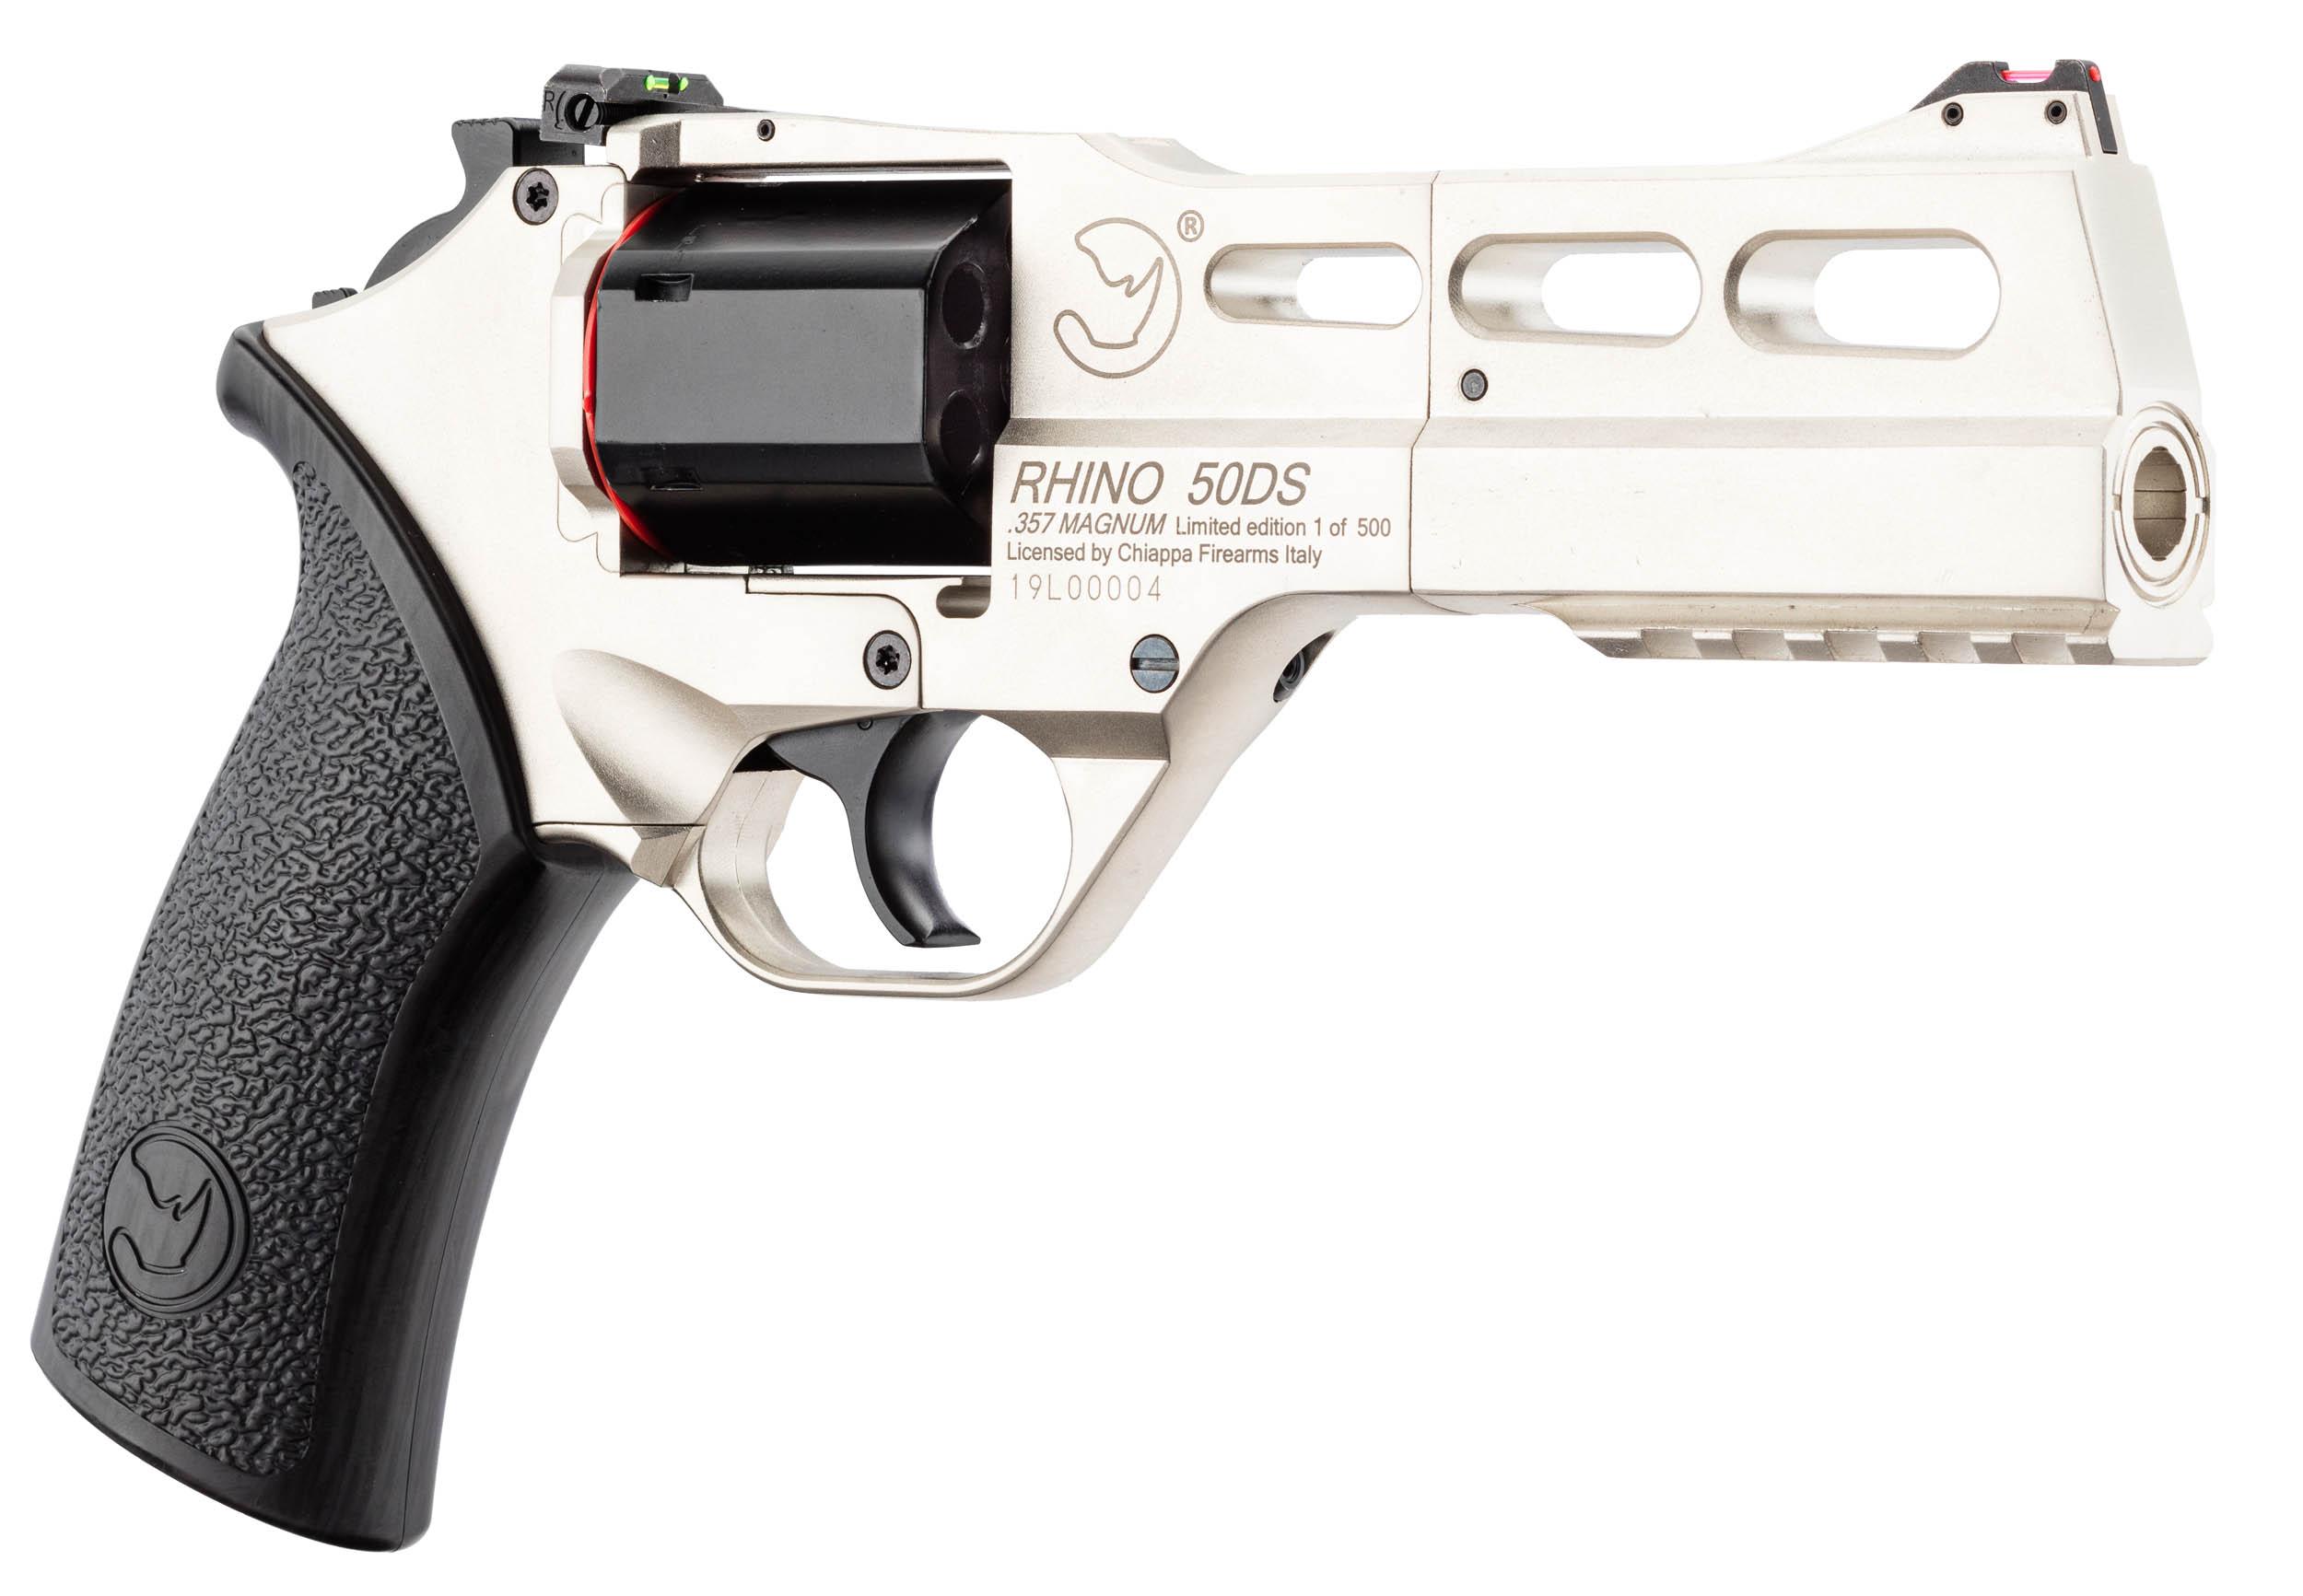 Chiappa Firearms Rhino